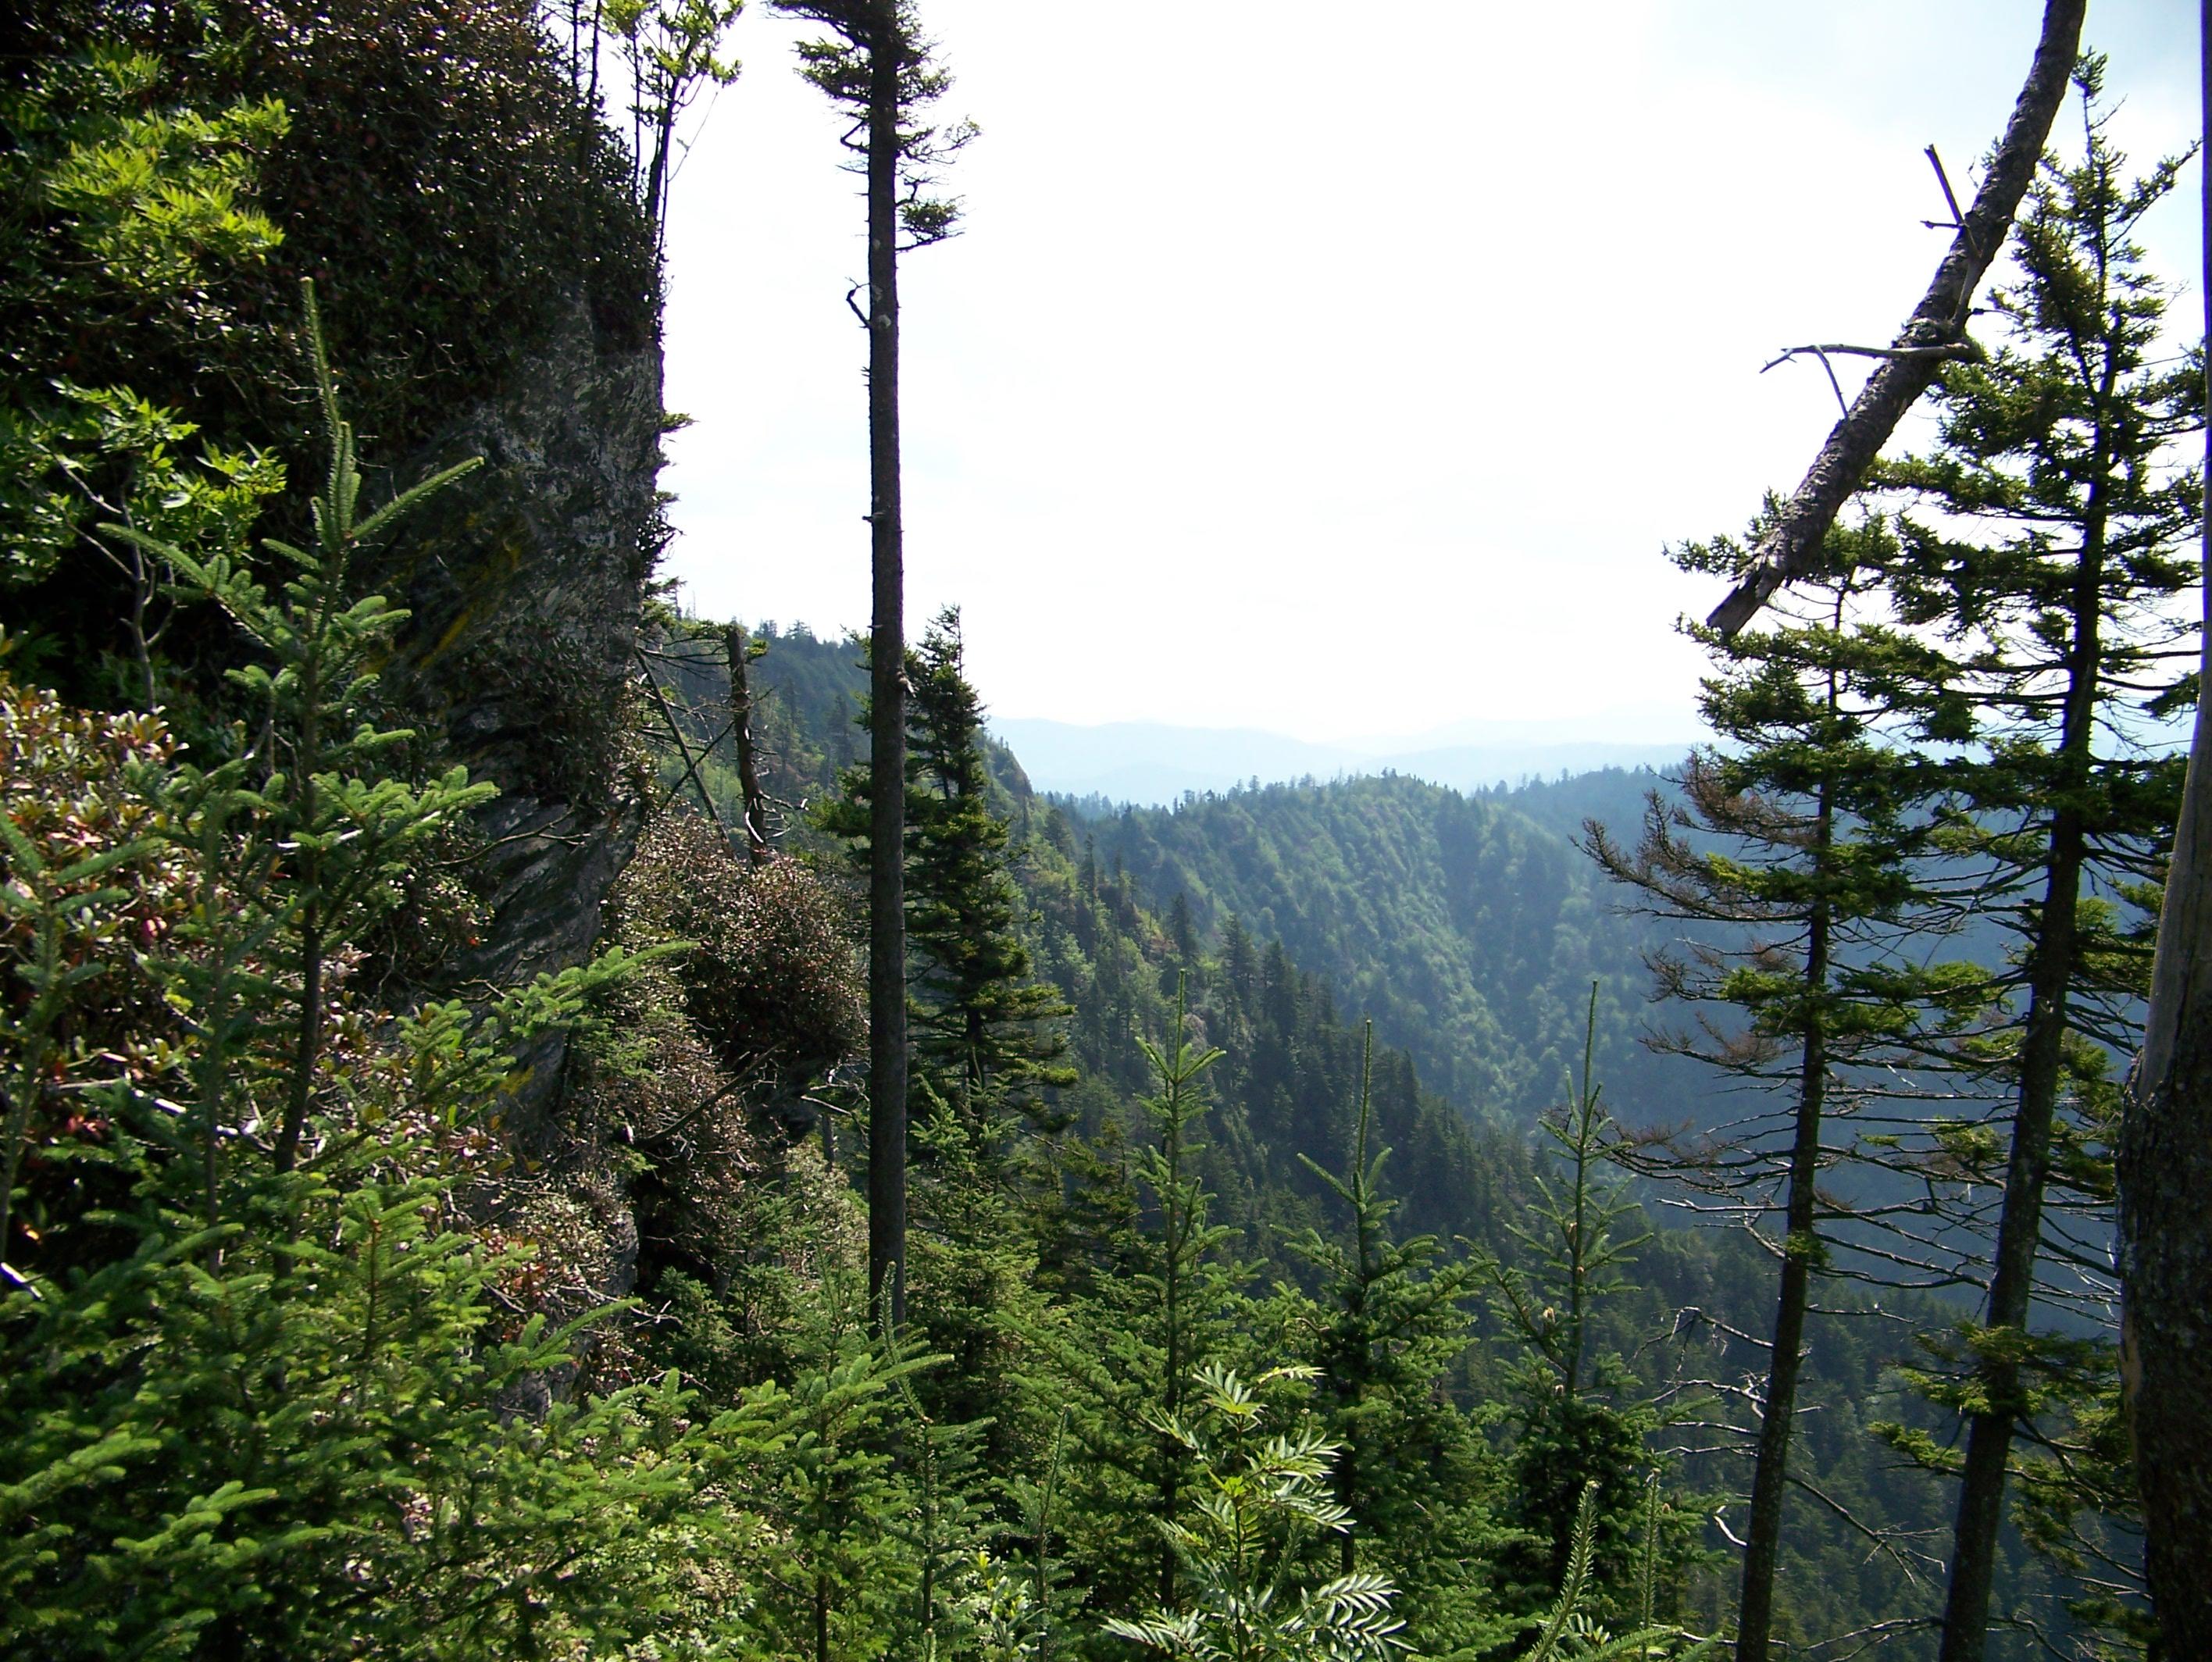 Eagle Cliffs